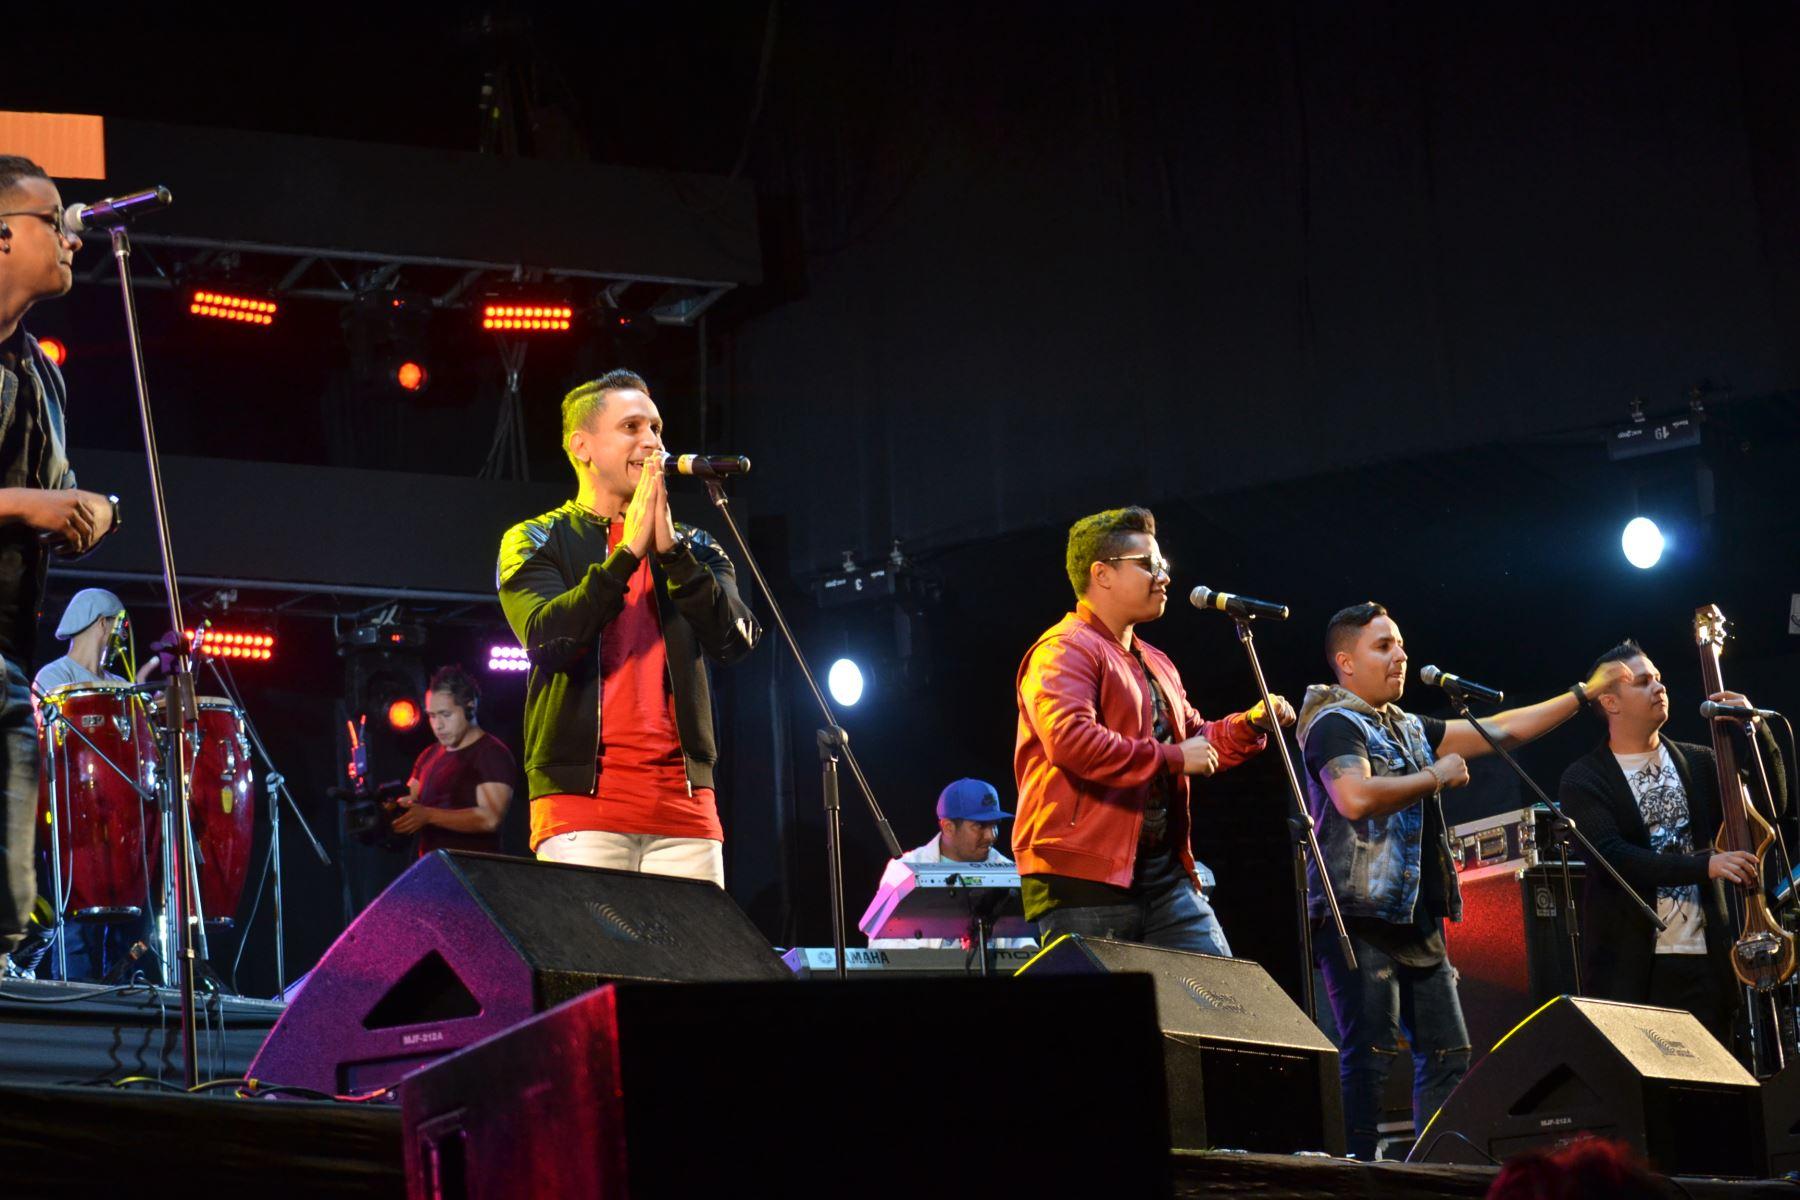 Los venezolanos de Orquesta Los Adolescentes mostraron su evolución musical en el Estadio Nacional. Foto cortesía: Marco Tapia.